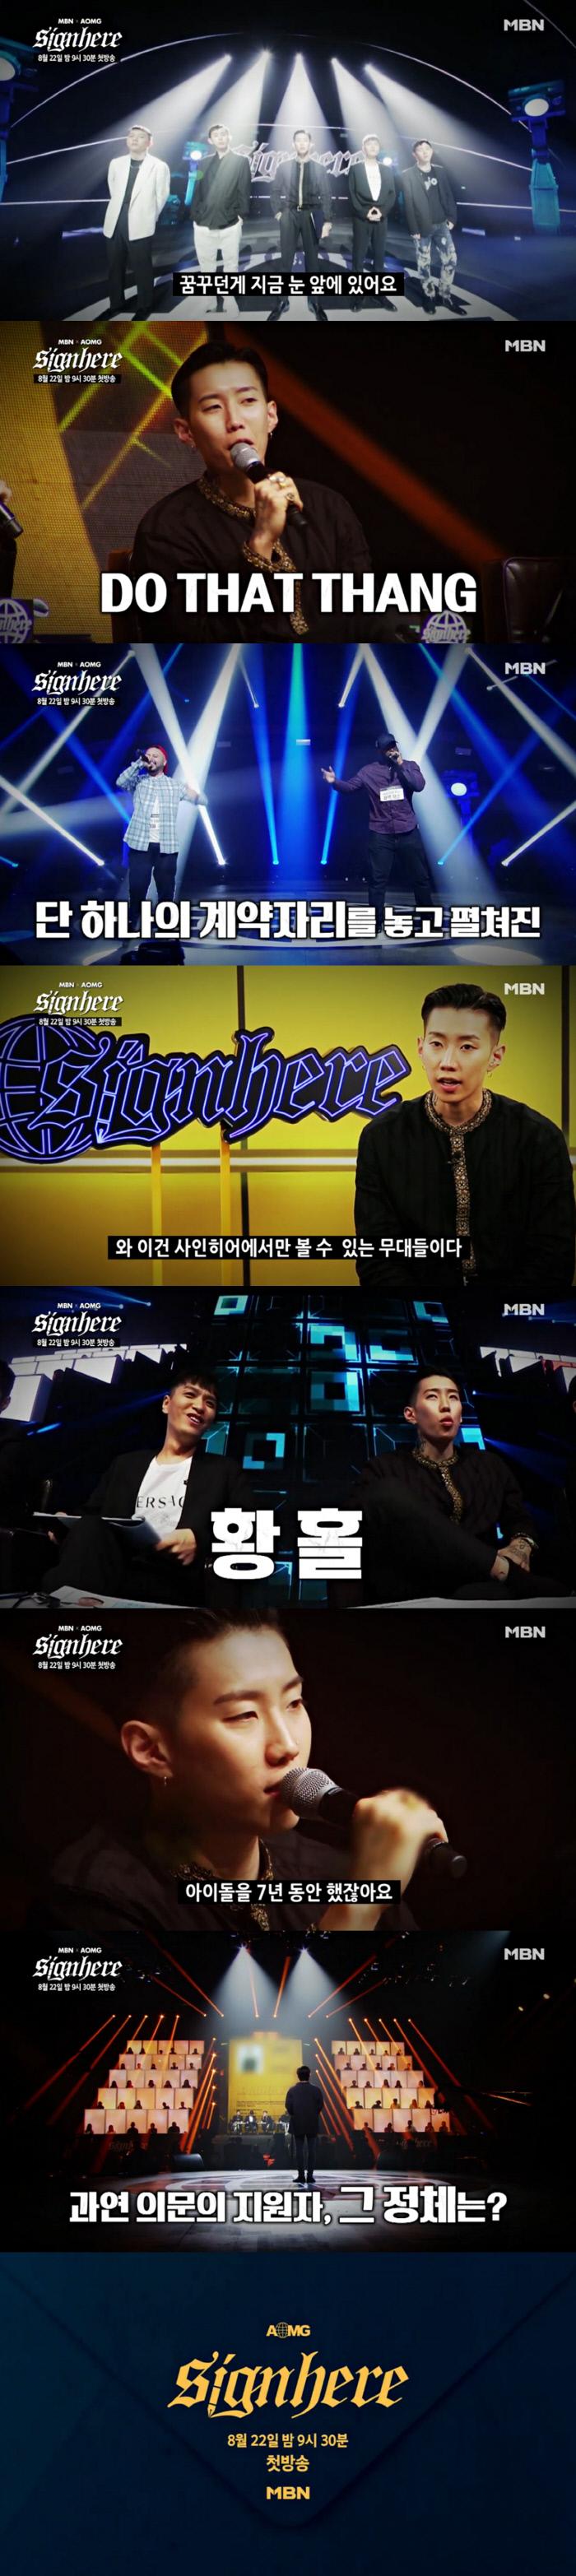 첫 방송을 앞두고 공식 예고편을 공개한 '사인히어'. MBN 제공